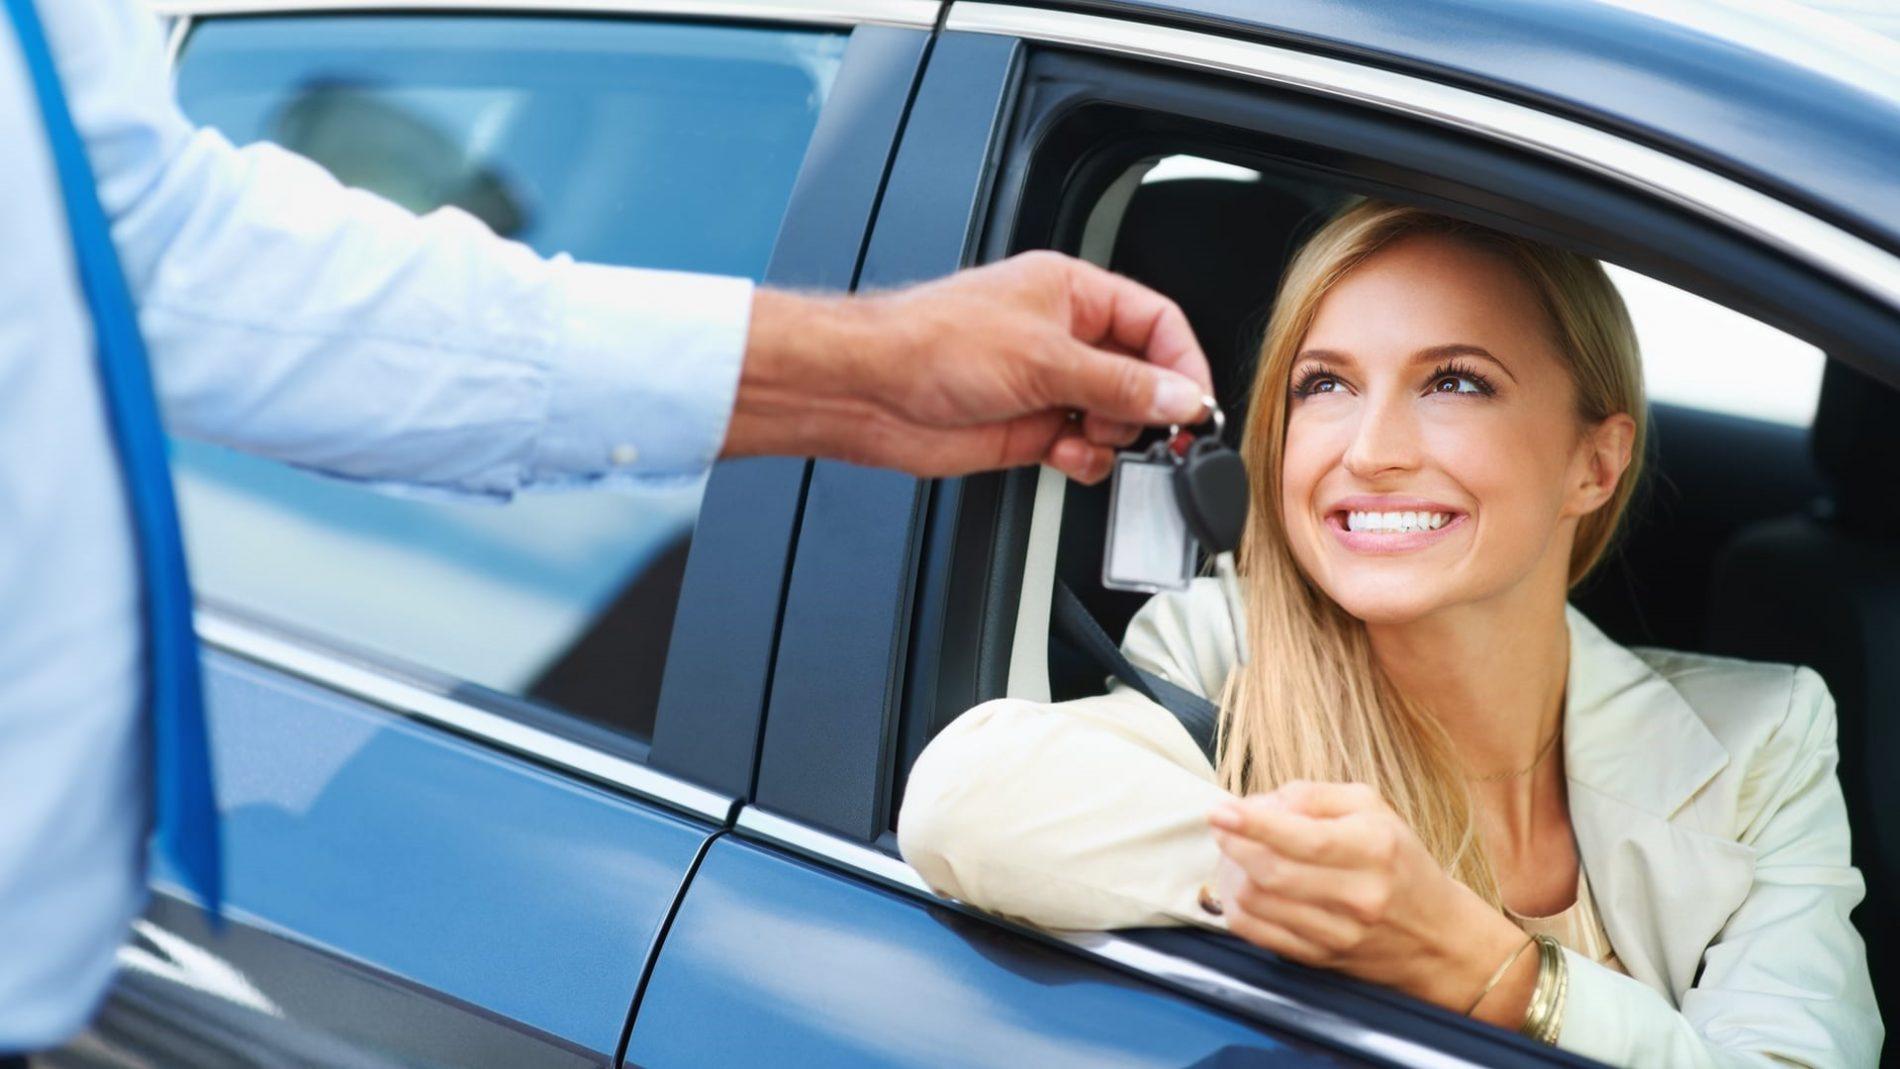 Оренда автомобіля туристу: в чому перевага